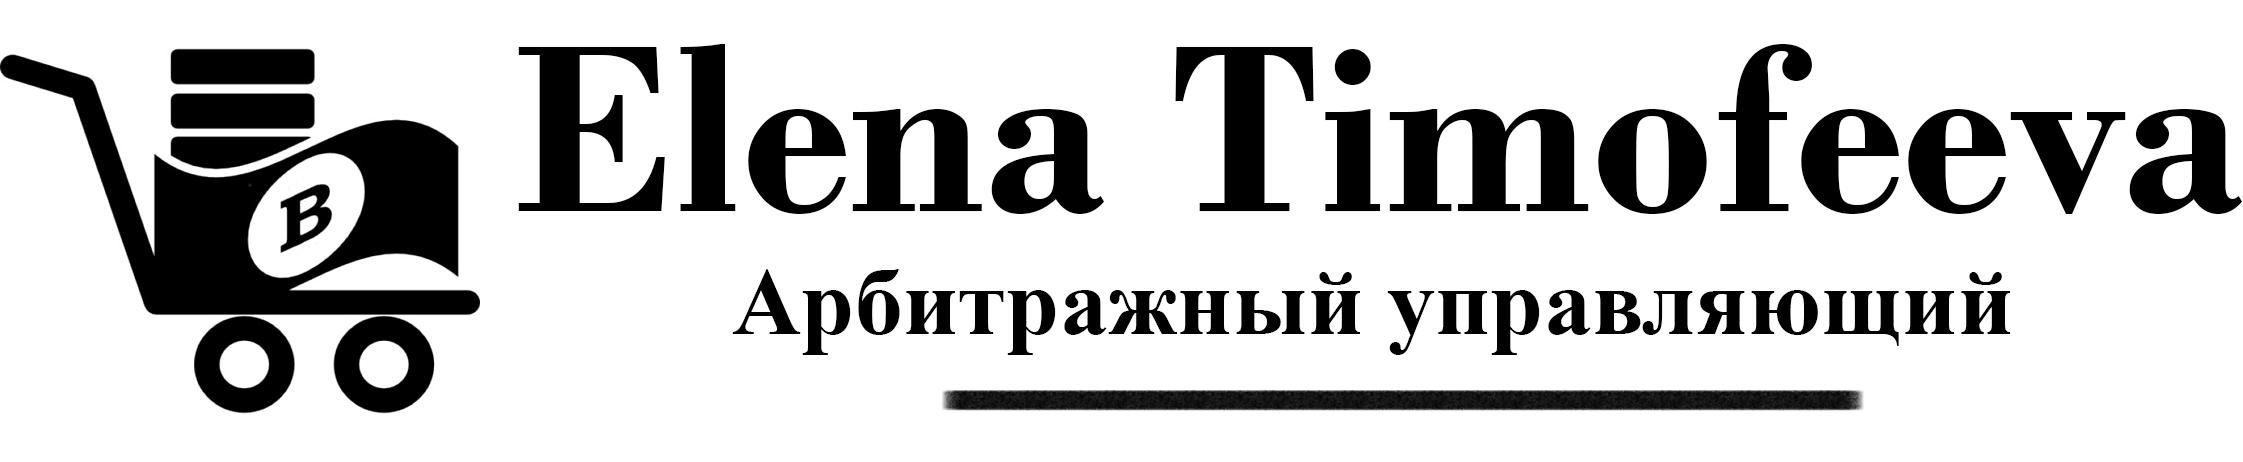 Арбитражный управляющий — Банкротство юридических и физических лиц осуществит Арбитражный управляющий Тимофеева Елена Богдановна